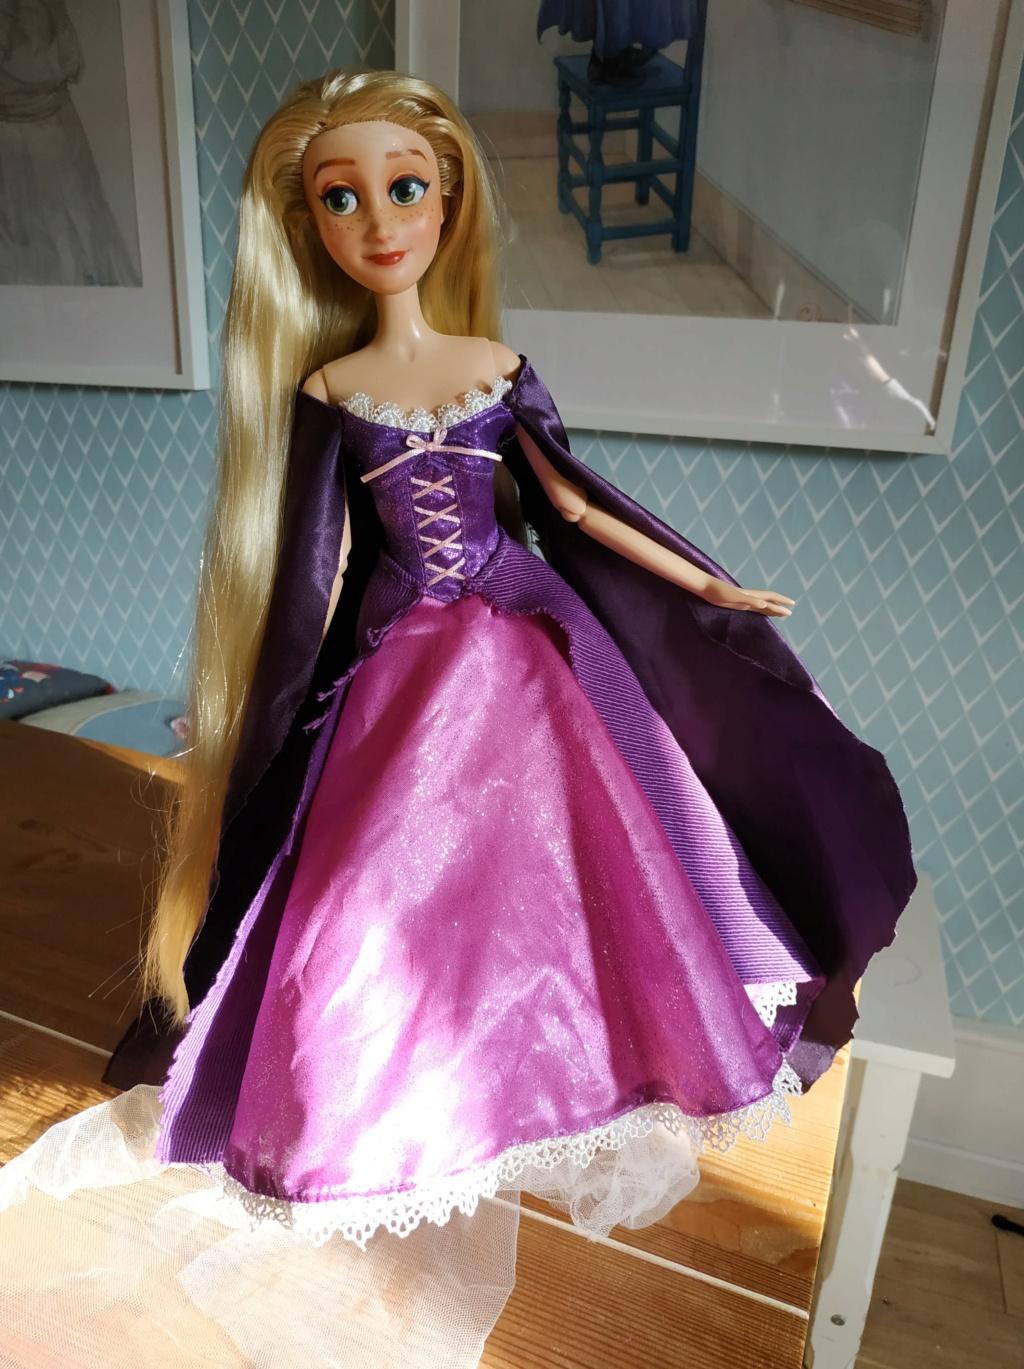 Nos poupées LE en photo : Pour le plaisir de partager - Page 27 13018811